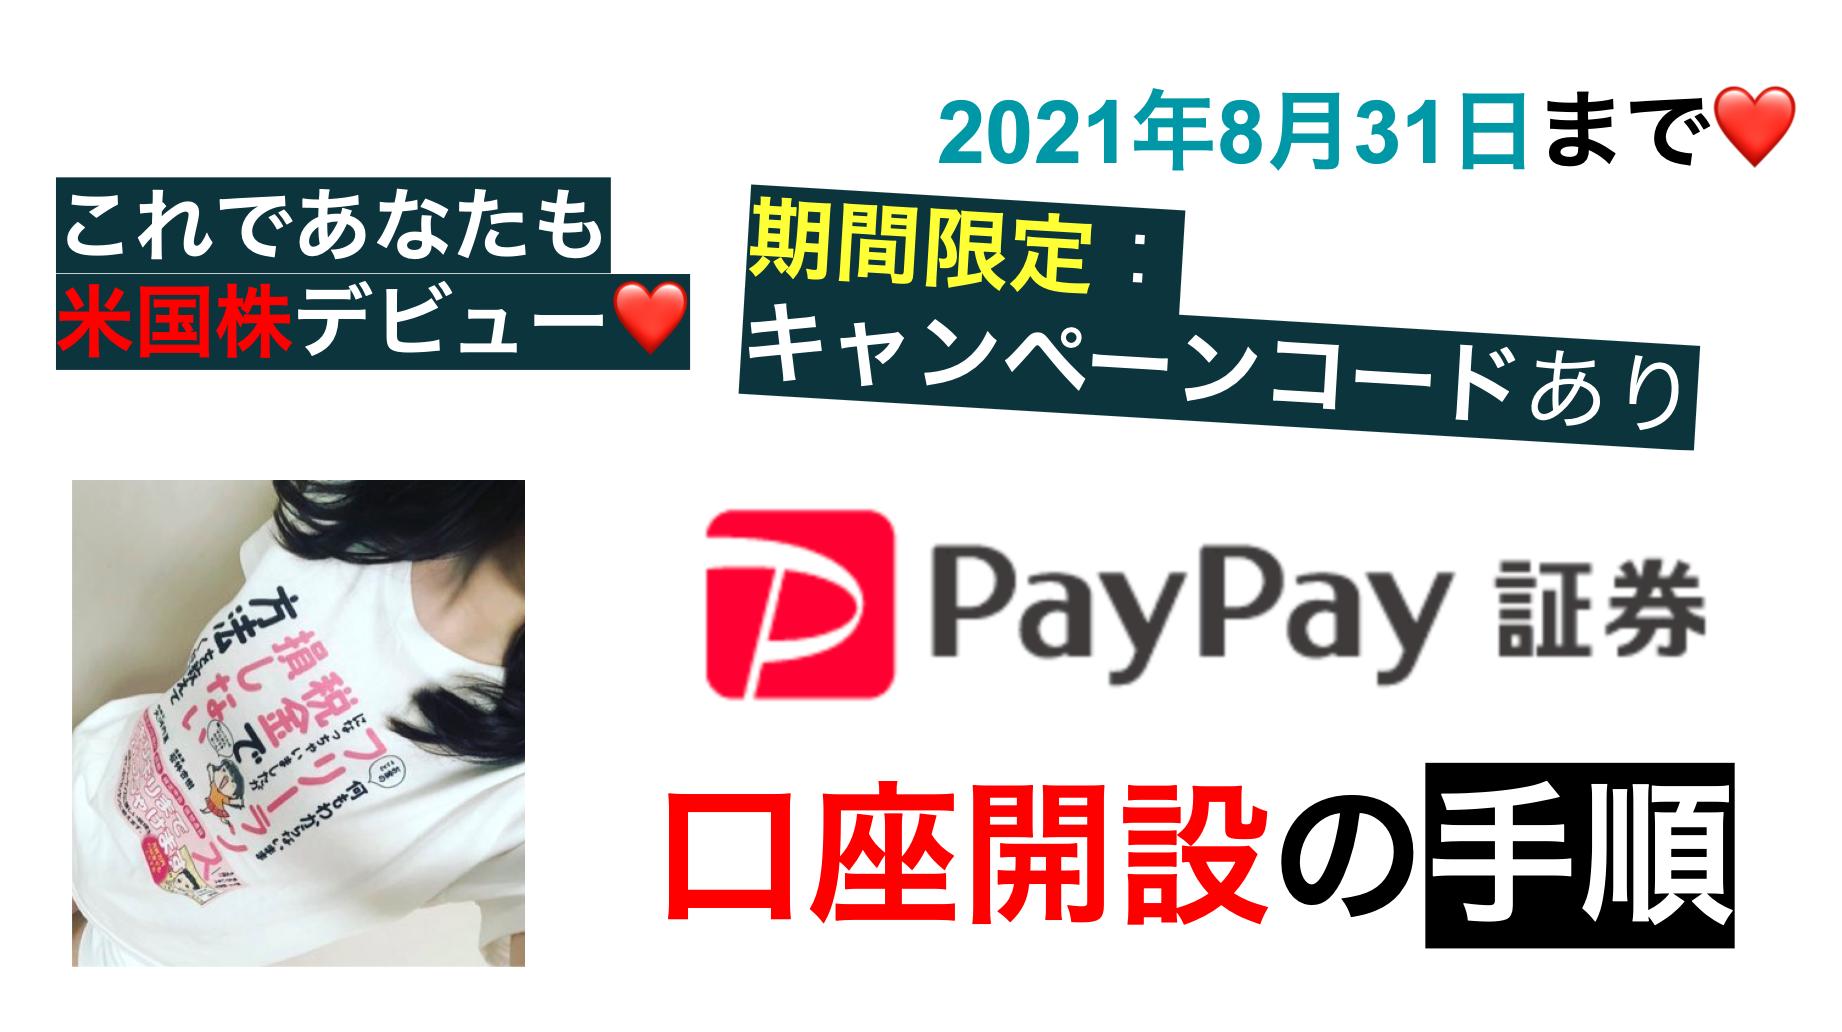 paypay証券 キャンペーンコード